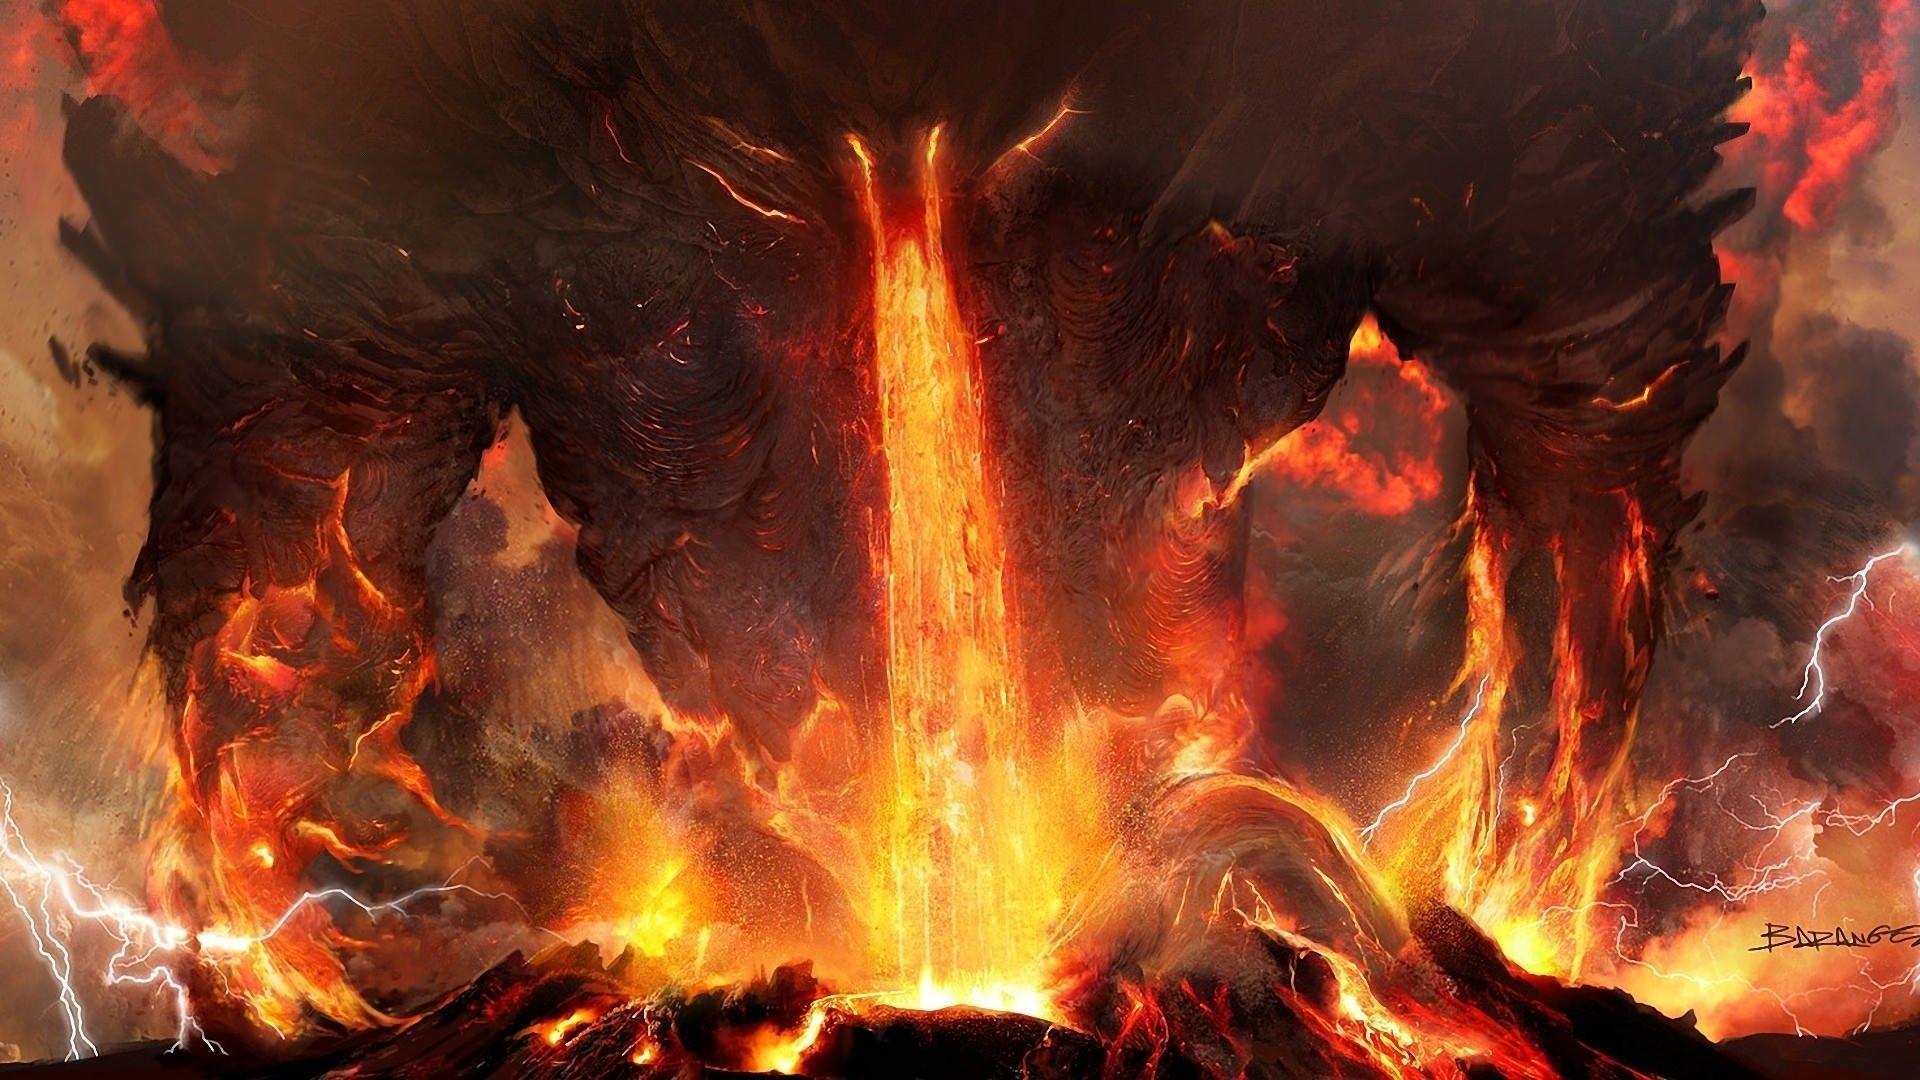 Art titanium anger fire lightning lava volcano ash demon monster .